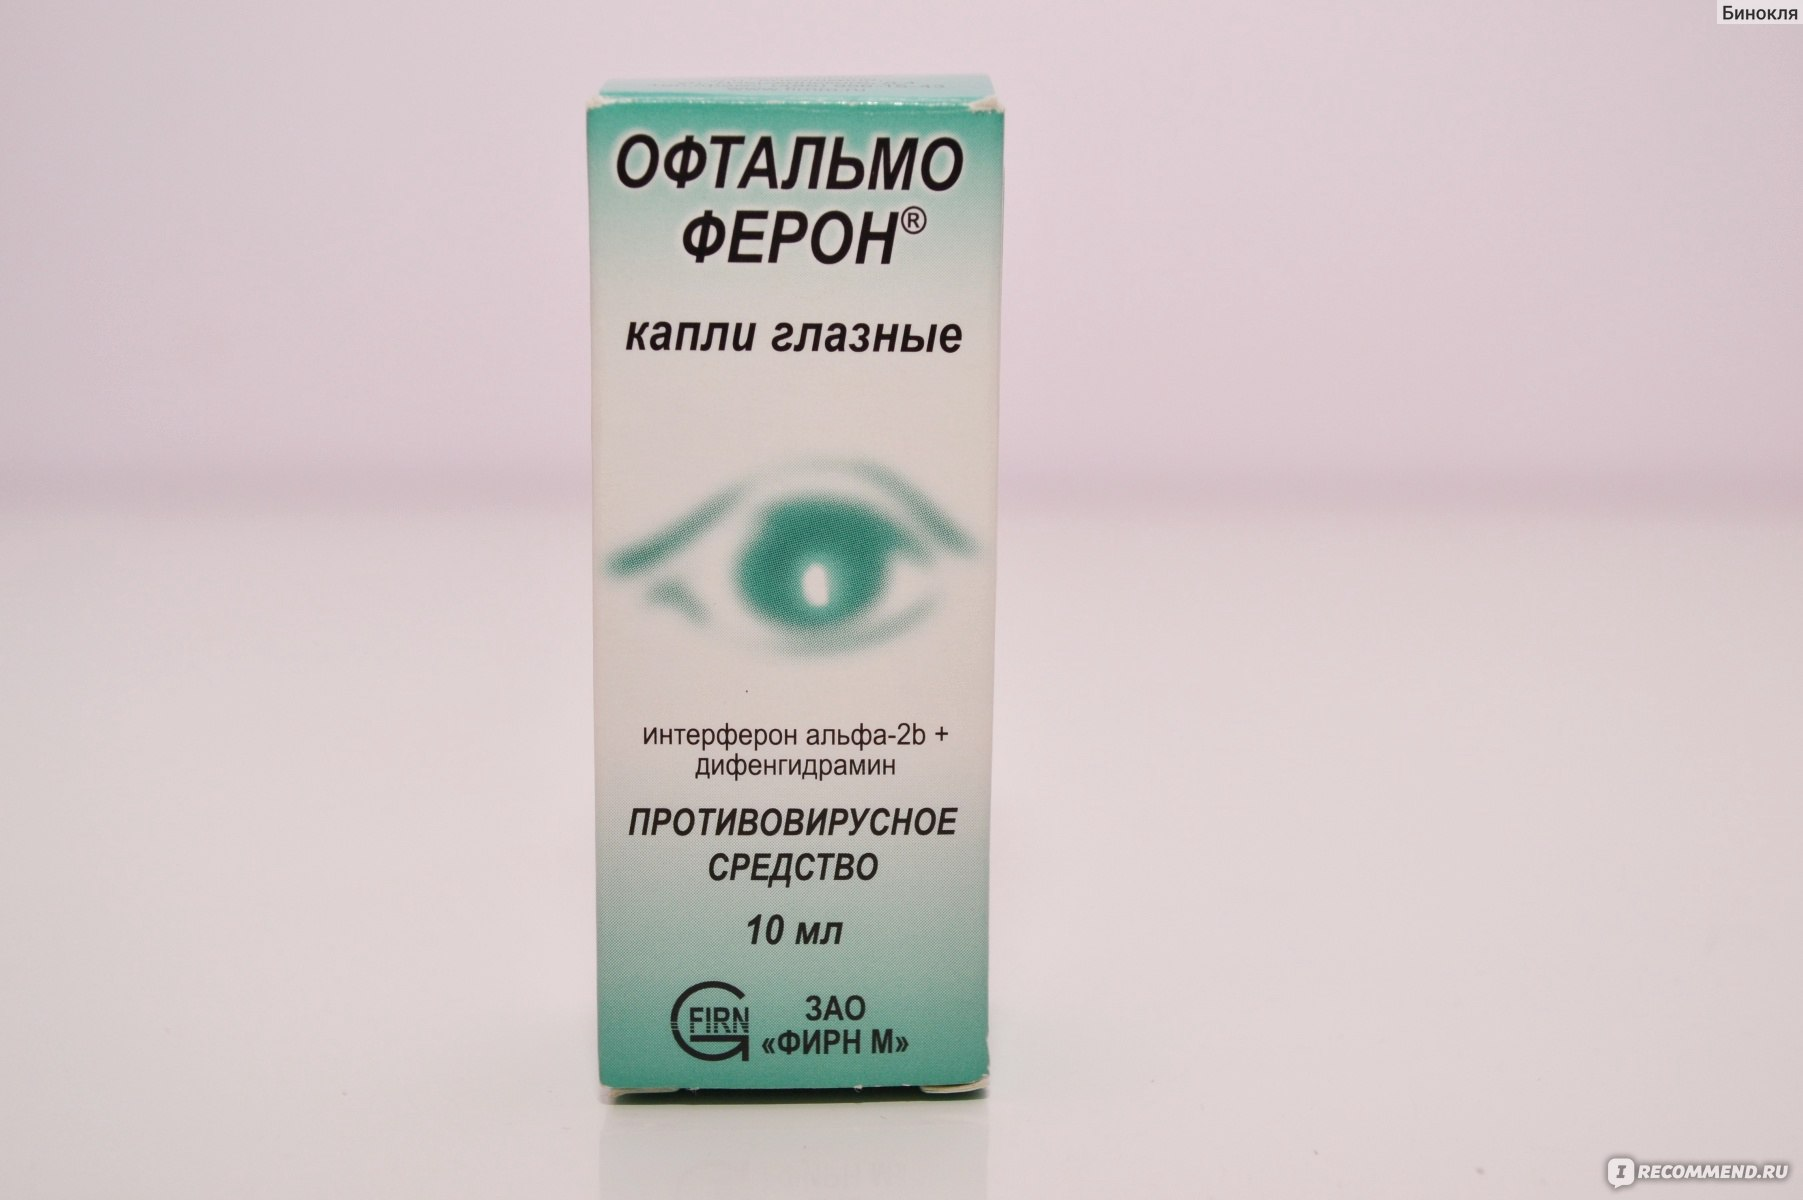 Офтальмоферон: инструкция по применению, отзывы и цены